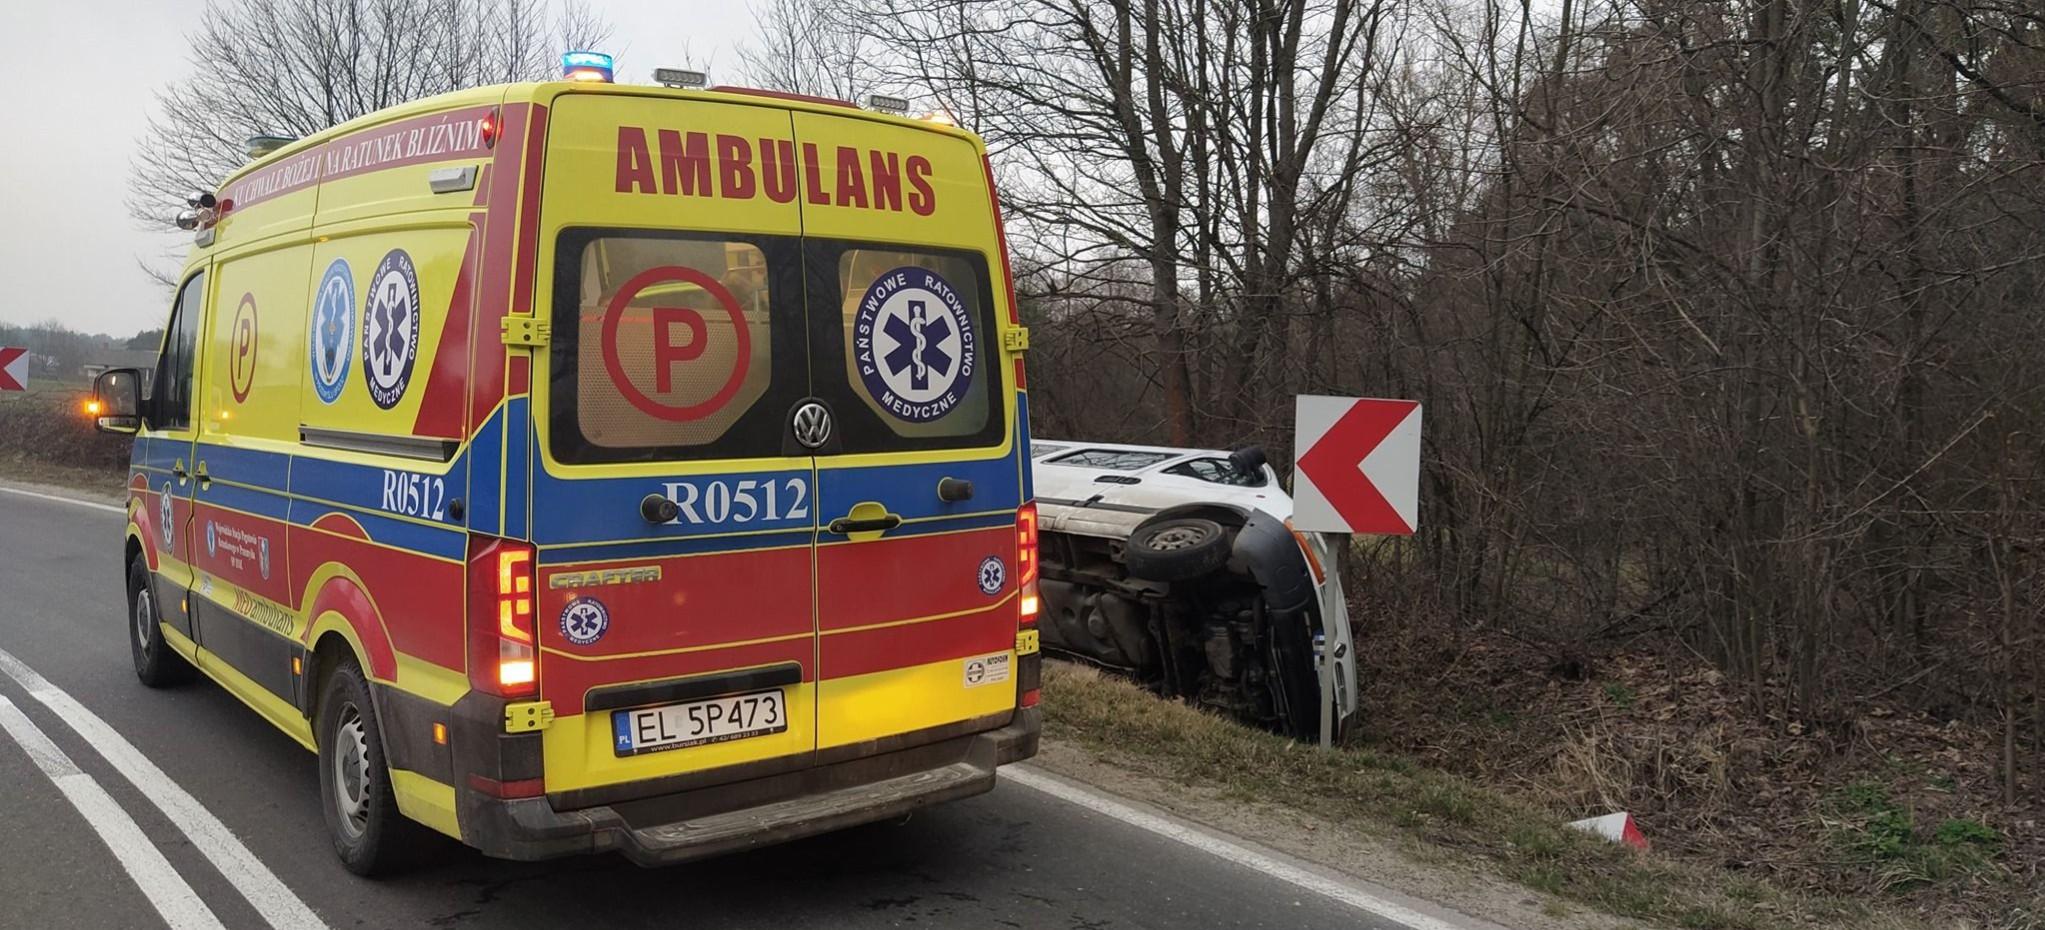 PODKARPACIE. Wypadek busa przewożącego dzieci. 7 osób w szpitalu (ZDJĘCIA)